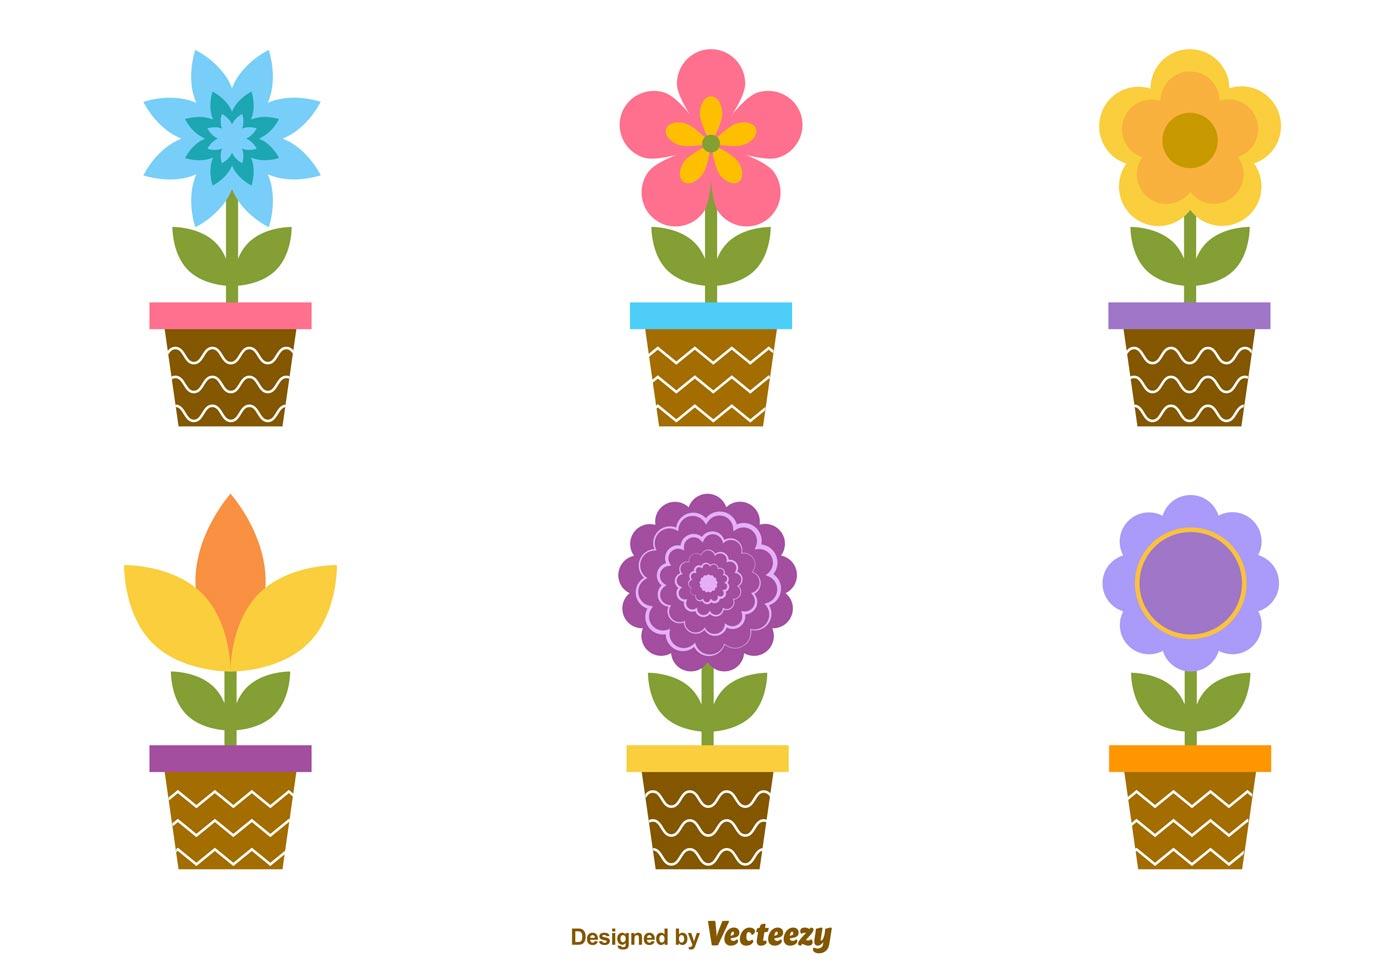 19 Vector Cartoon Flowers Pot Images - Flower Pot Vector